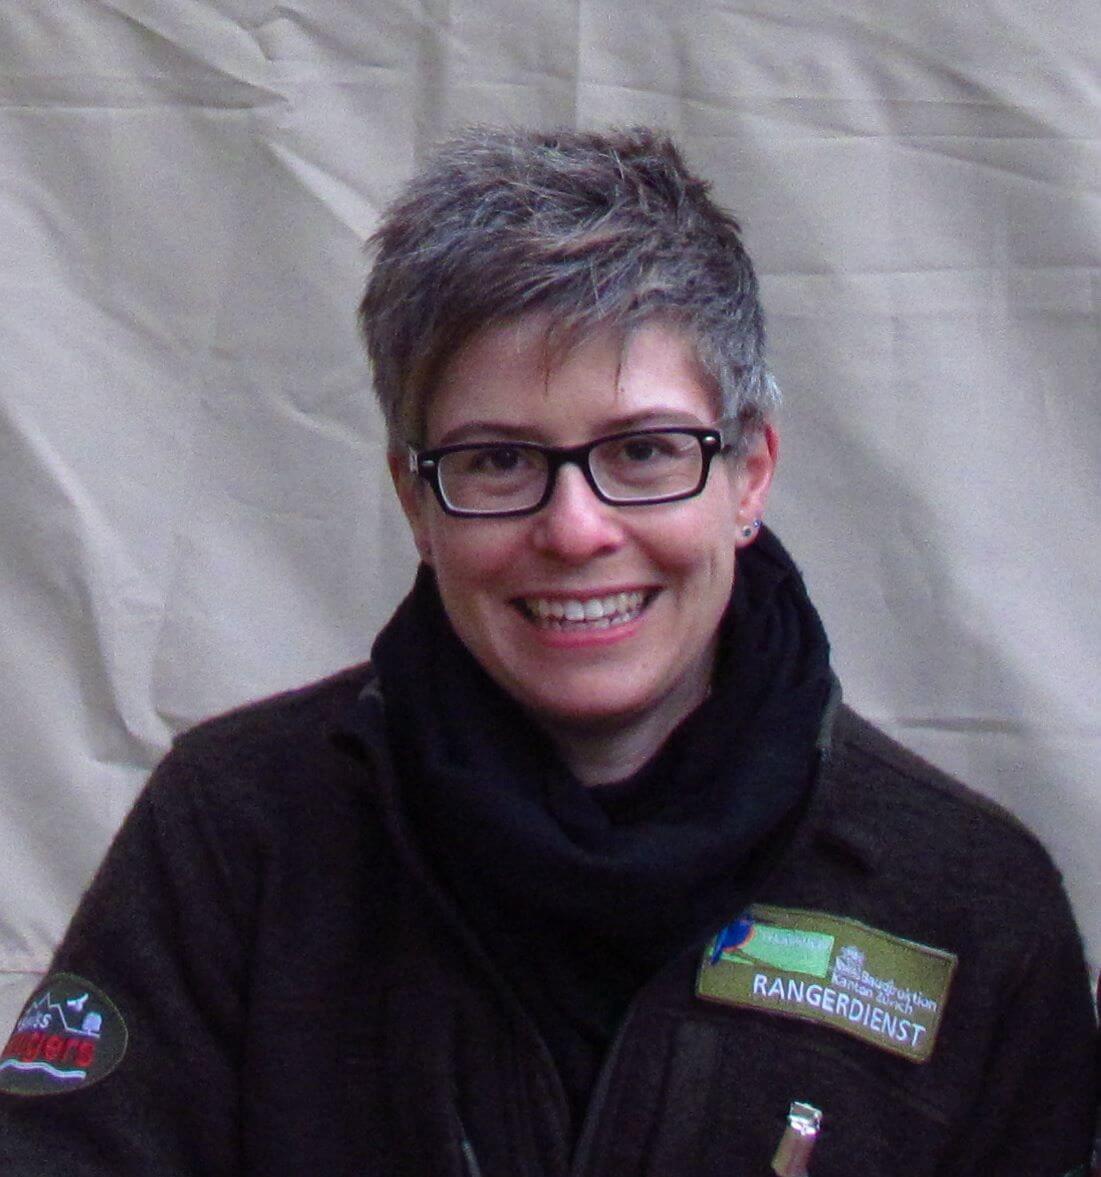 Das Bild zeigt Madeleine Gersbach mit Ranger Uniform.